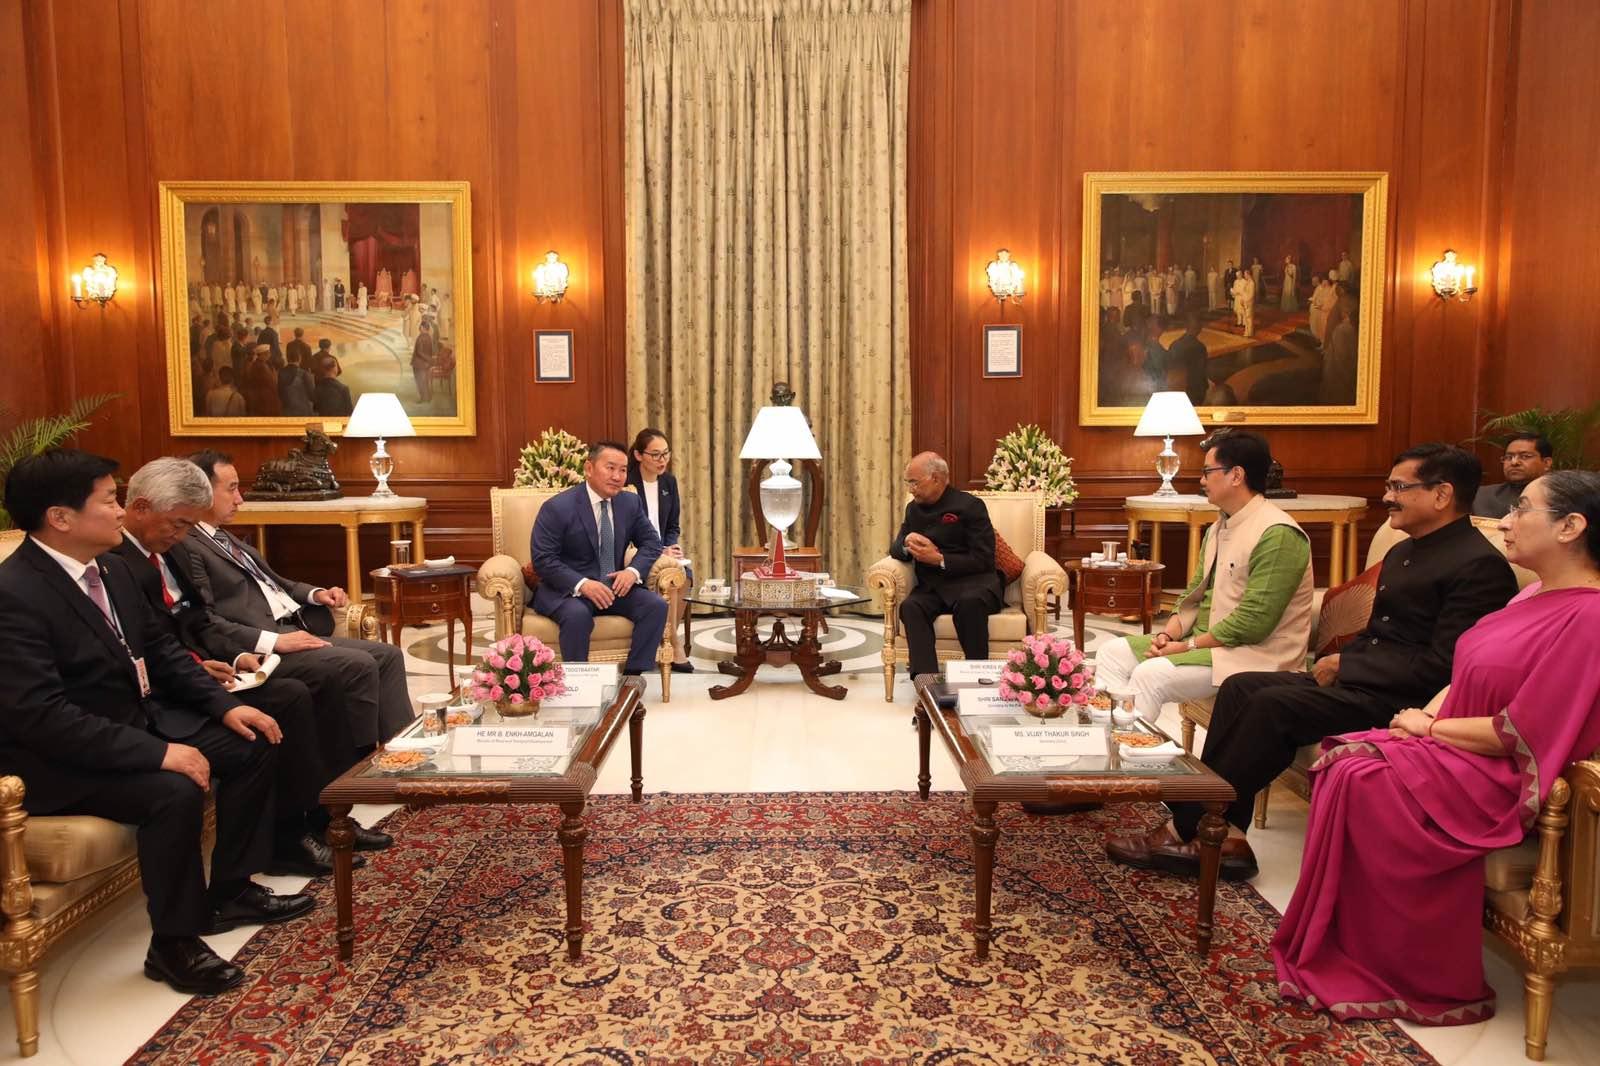 Монгол Улсын Ерөнхийлөгч Х.Баттулга, Бүгд Найрамдах Энэтхэг улсын Ерөнхийлөгч Рам Натх Ковинд нар уулзлаа